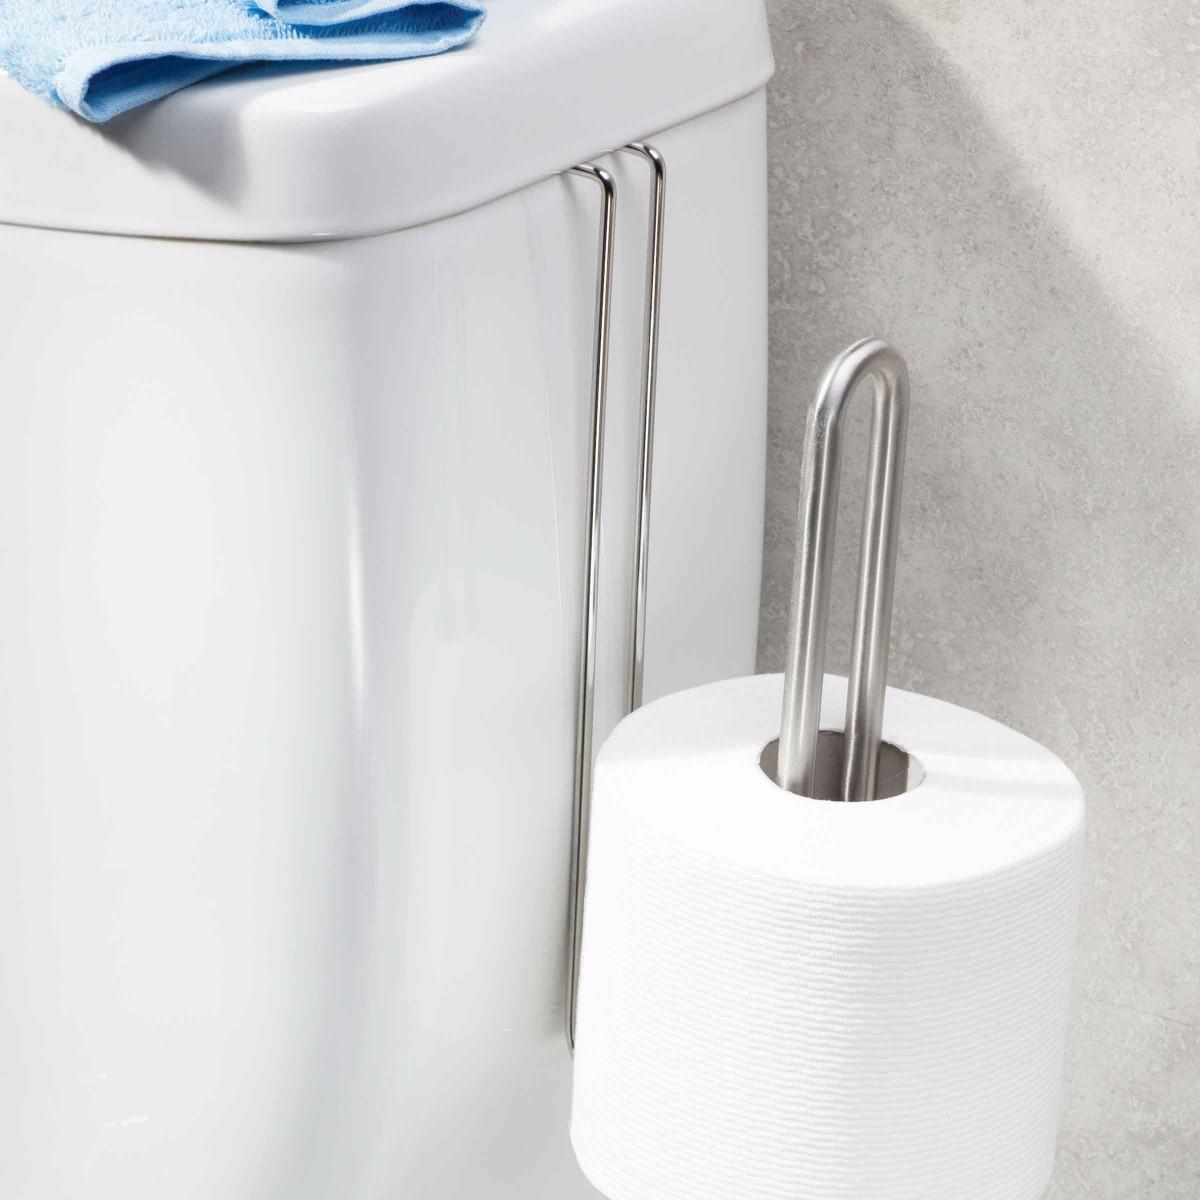 R servoir de papier toilette suspendre 2 rouleaux for Range rouleau papier toilette